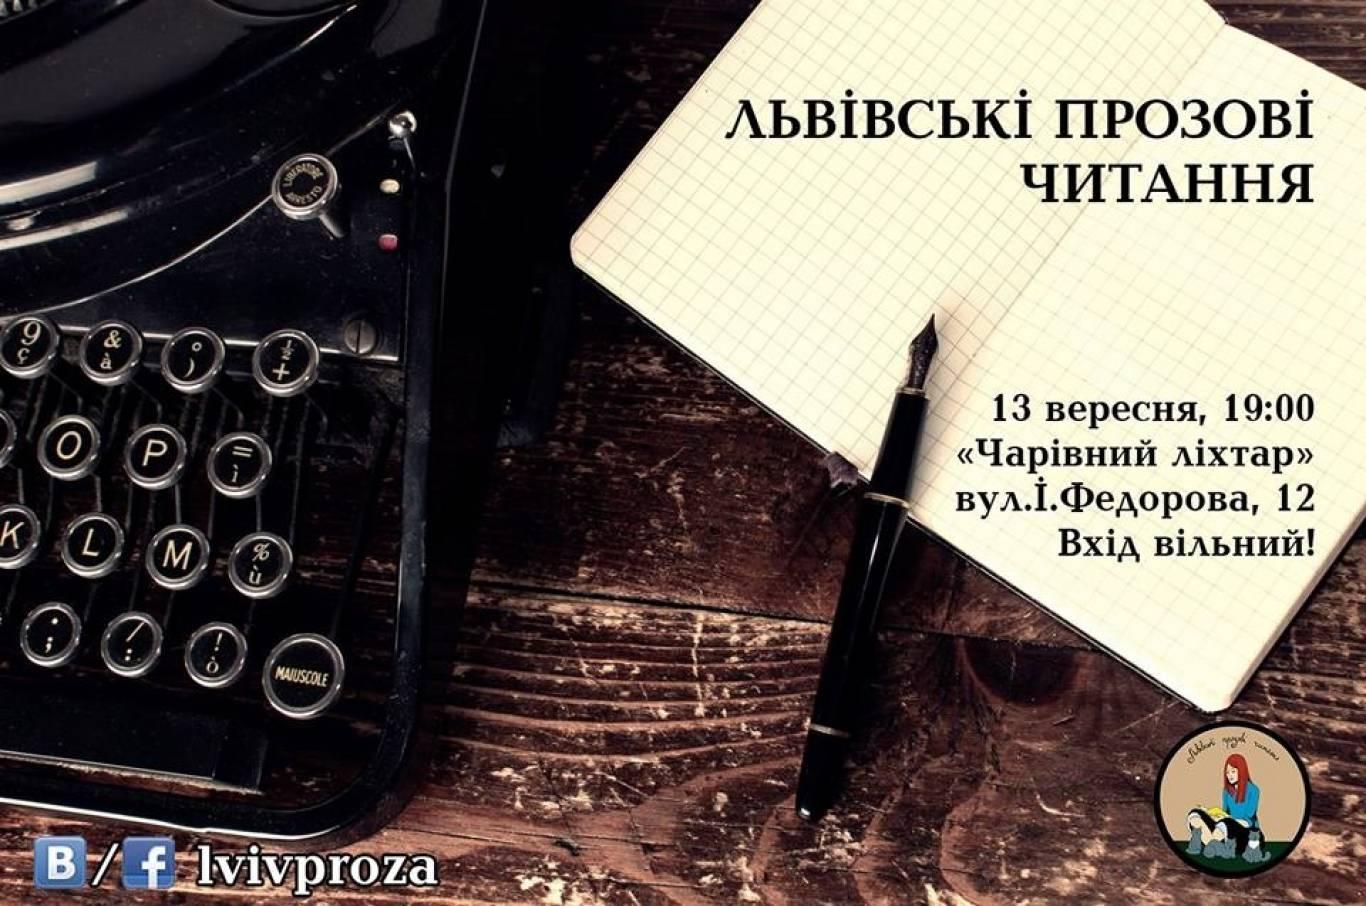 Львів'ян кличуть на прозові читання